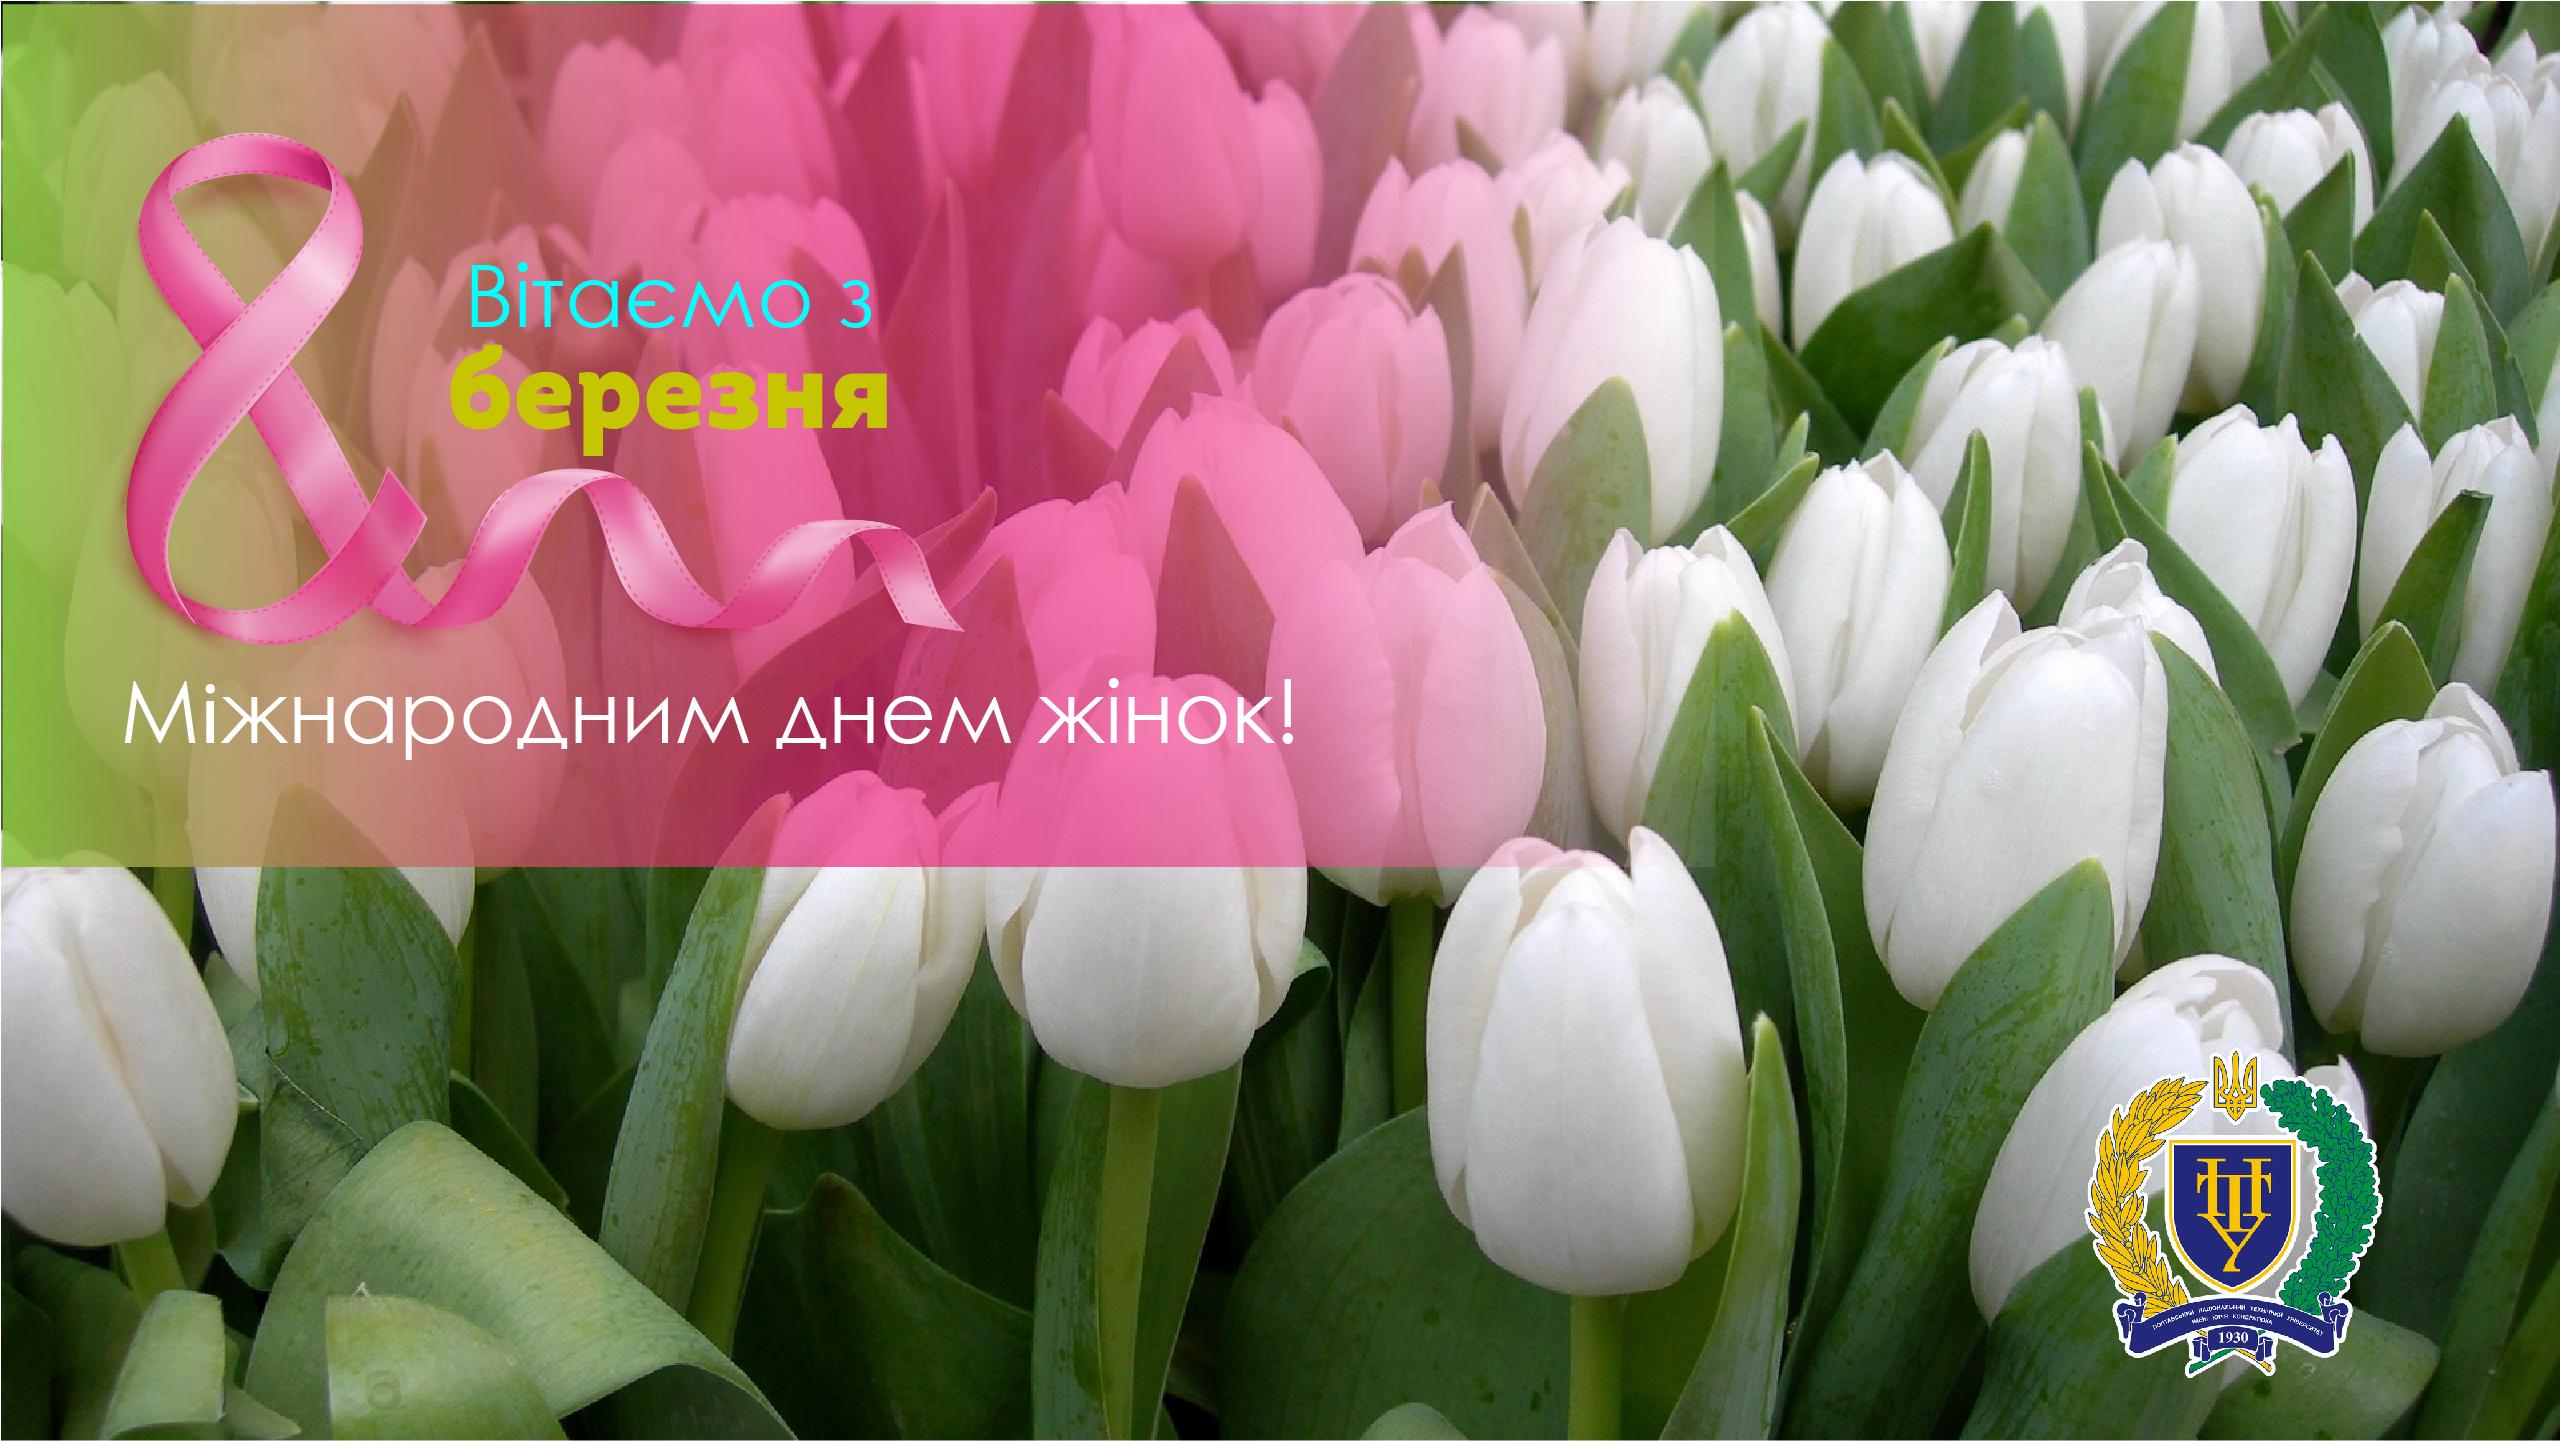 З Міжнародним днем жінок!